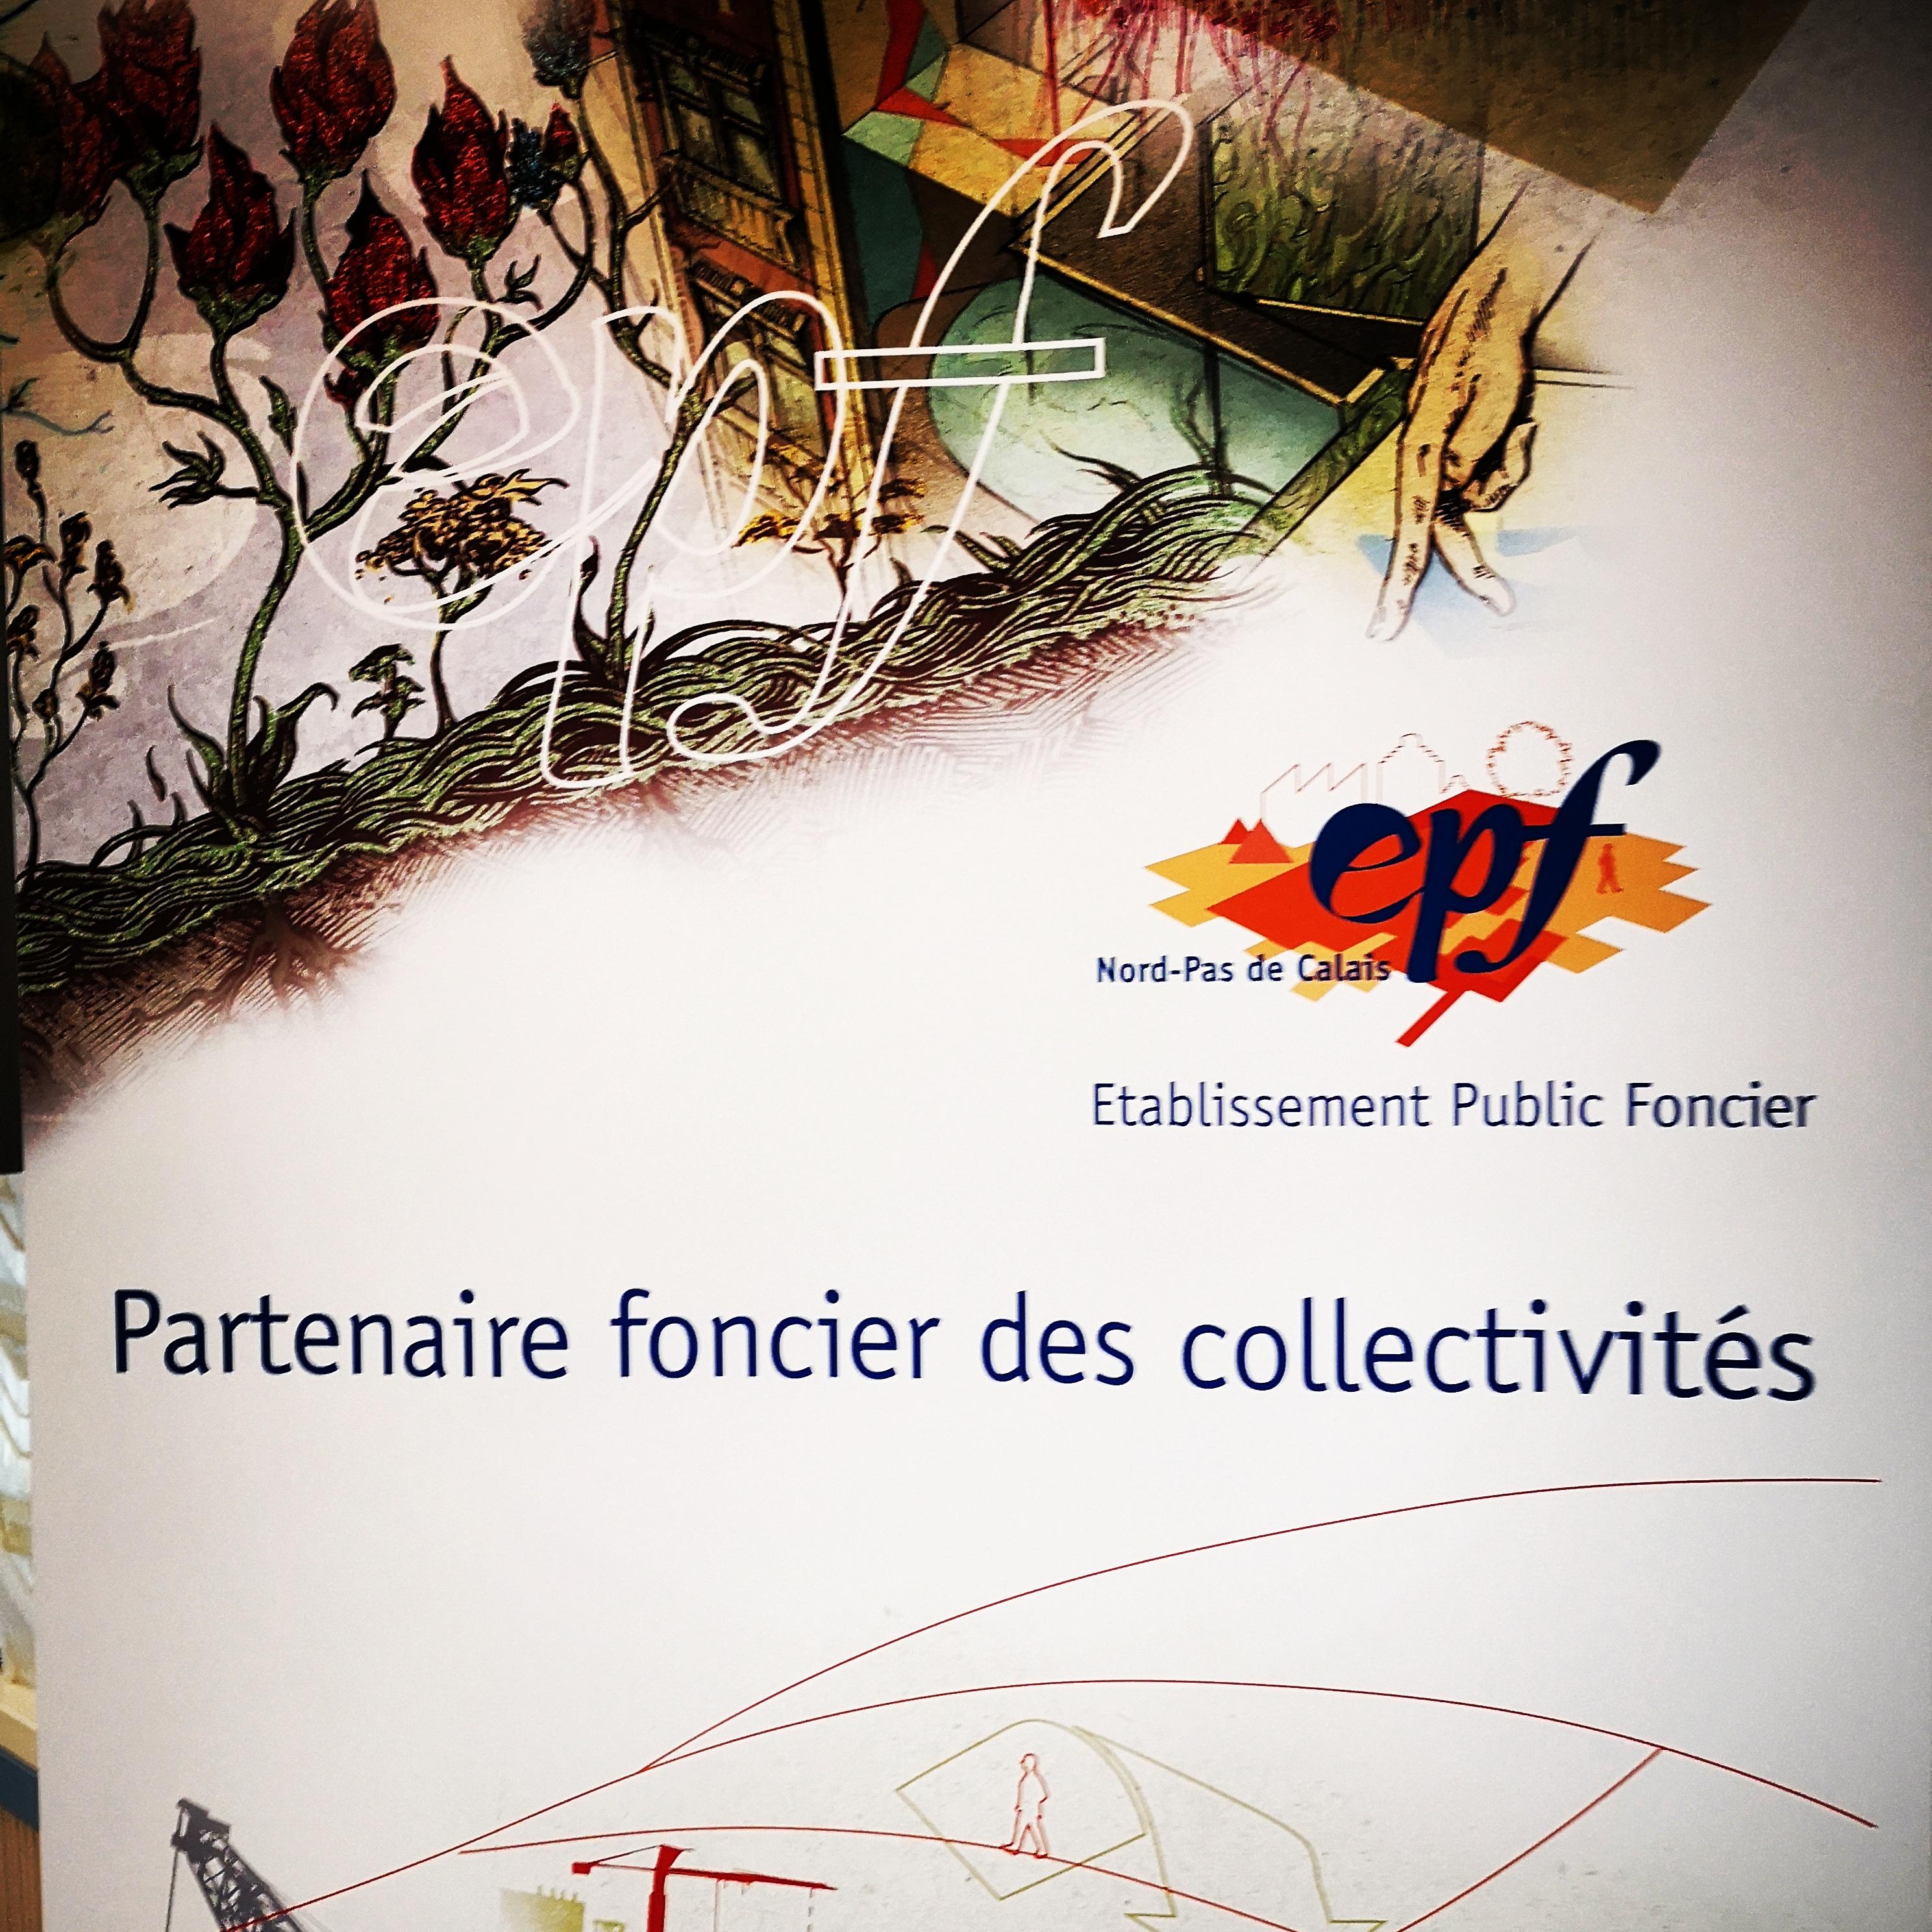 Formation intra du CFEI Centre de formation à l'expertise immobilière, dispensée par Philippe FAVRE-REGUILLON à Lille auprès de l'EPF du Nord Pas-de-Calais